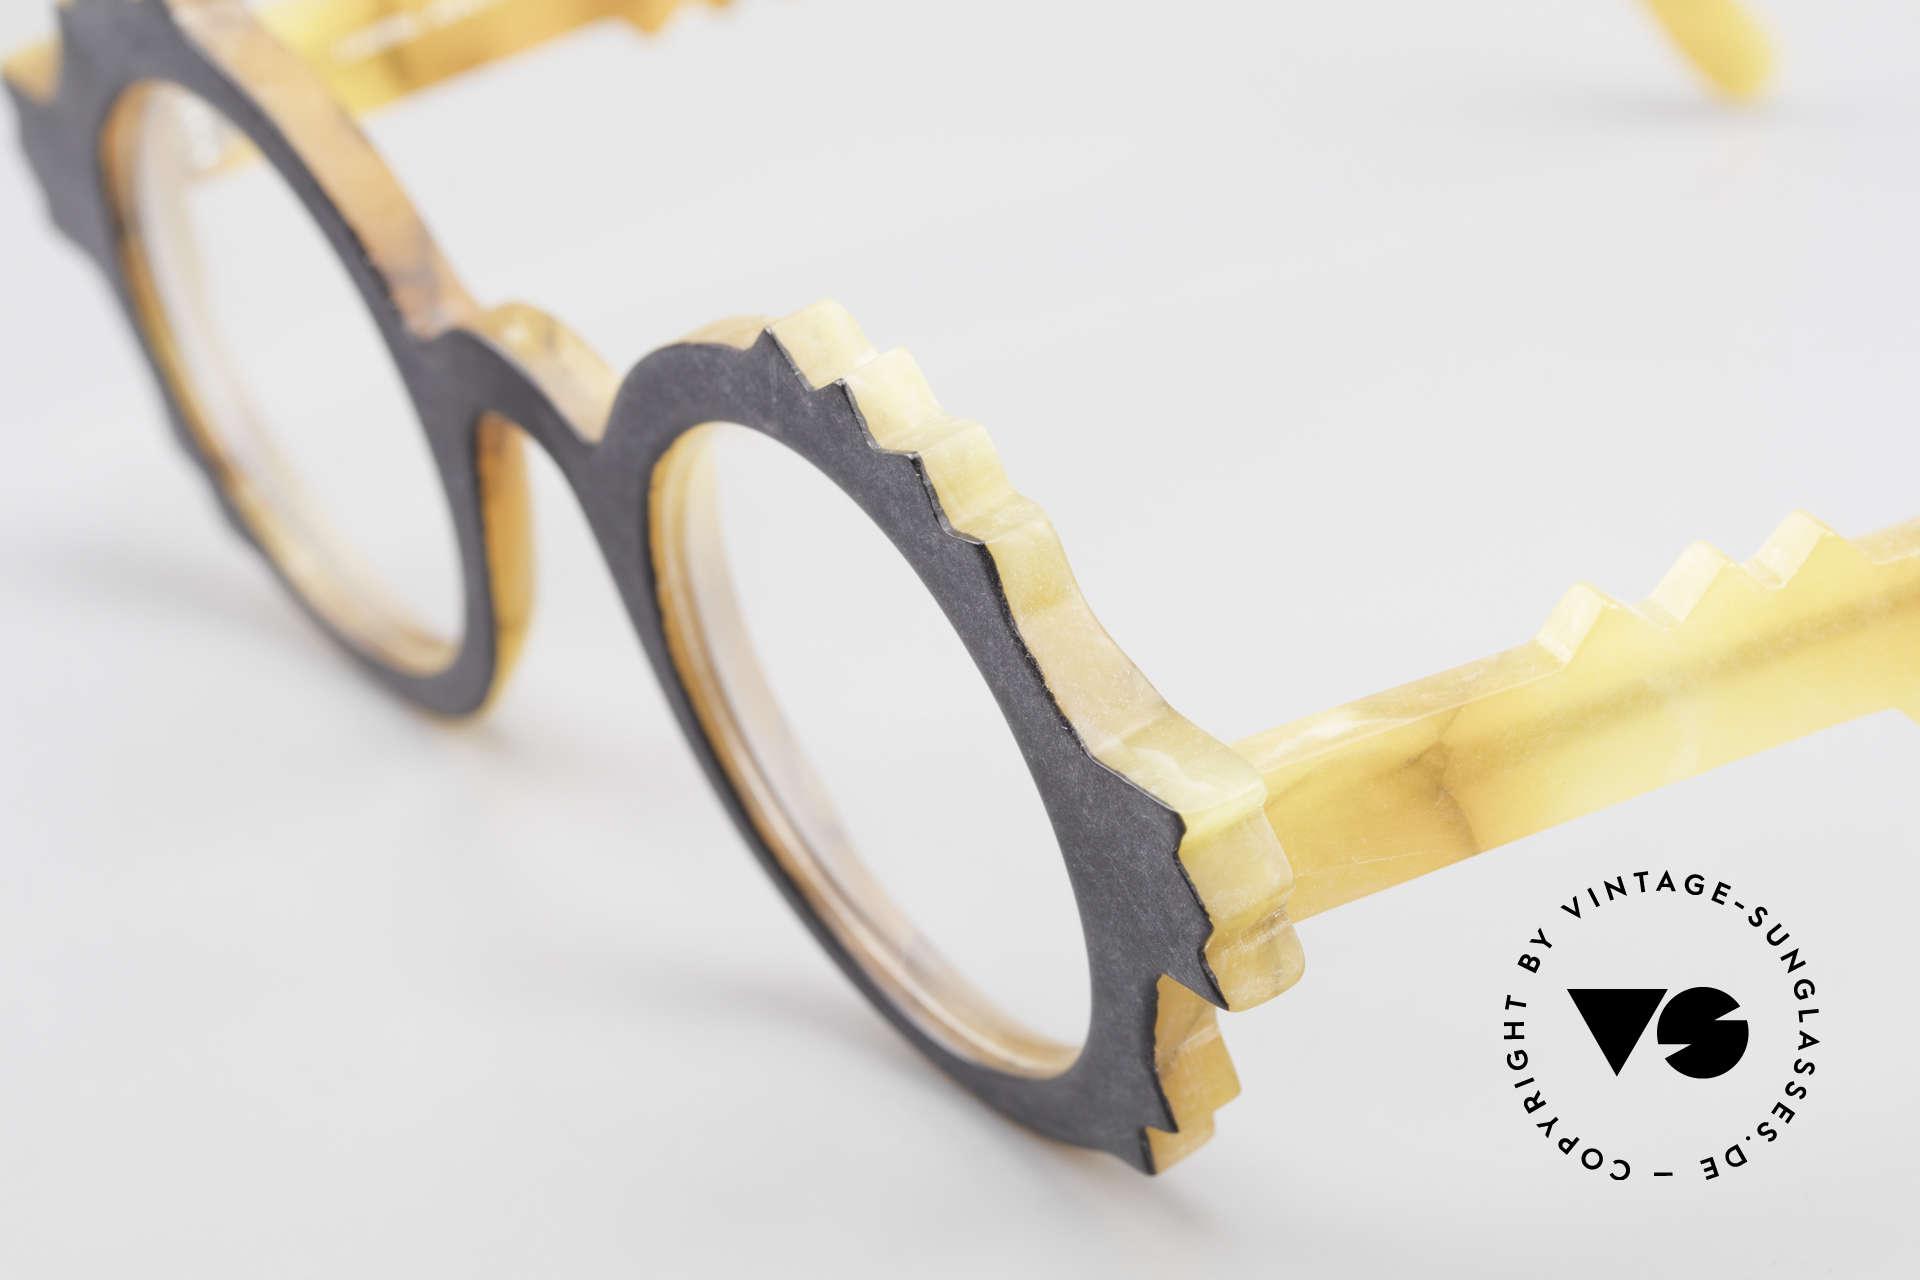 Anne Et Valentin Herrison Kunstvolle 80er Vintage Brille, dieses Modell stammt noch aus den Anfängen von A&V, Passend für Damen